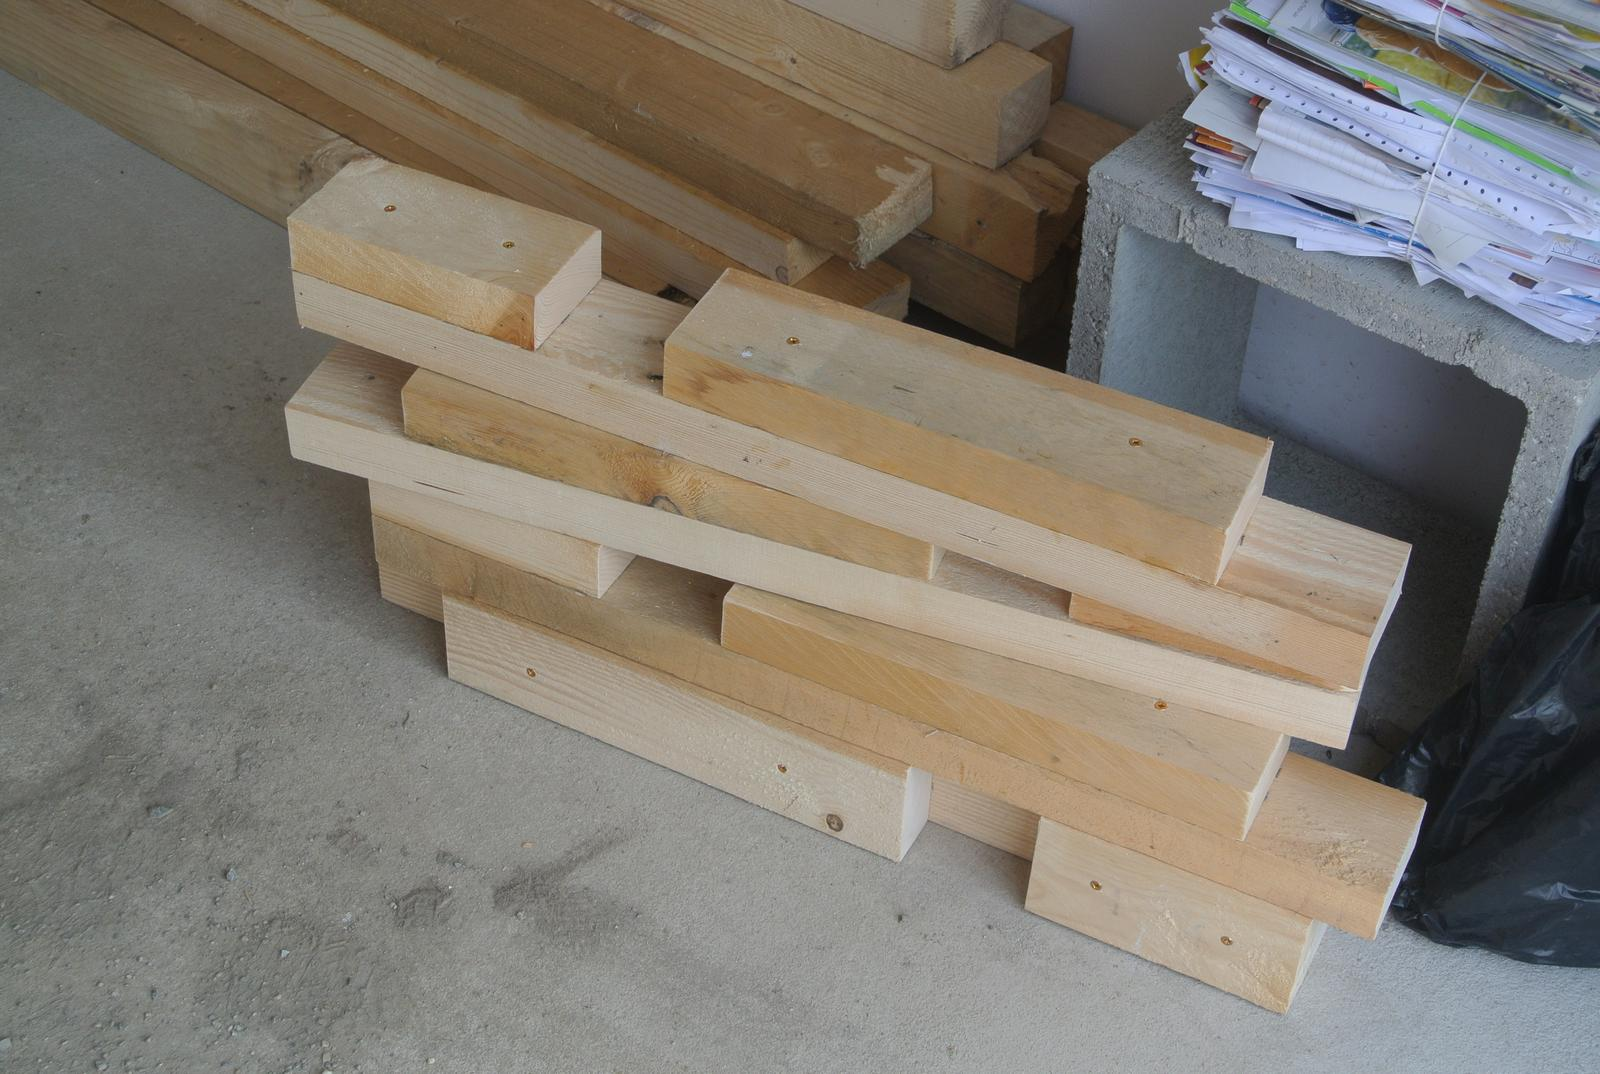 Moje tvorenie z dreva - Akcia ponk - pracovný stôl do garáže, už ma nebaví robiť všetko na kolene a na zemi....Pripravené nohy.